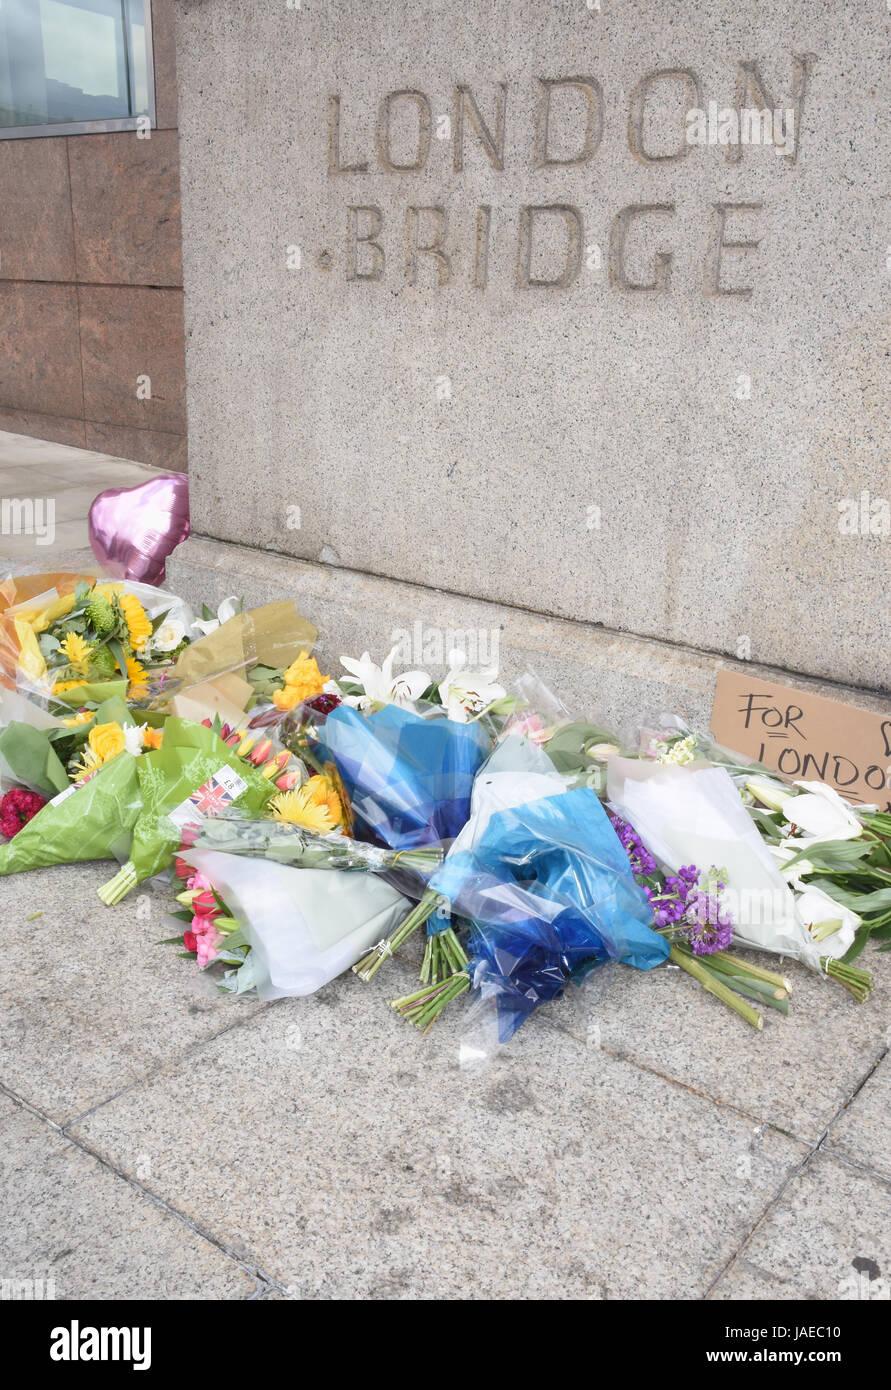 Tributs floraux à gauche à un mémorial de fortune, l'attaque terroriste de Londres 03.06.17, London Bridge, Londres. UK 05.06.17 Banque D'Images